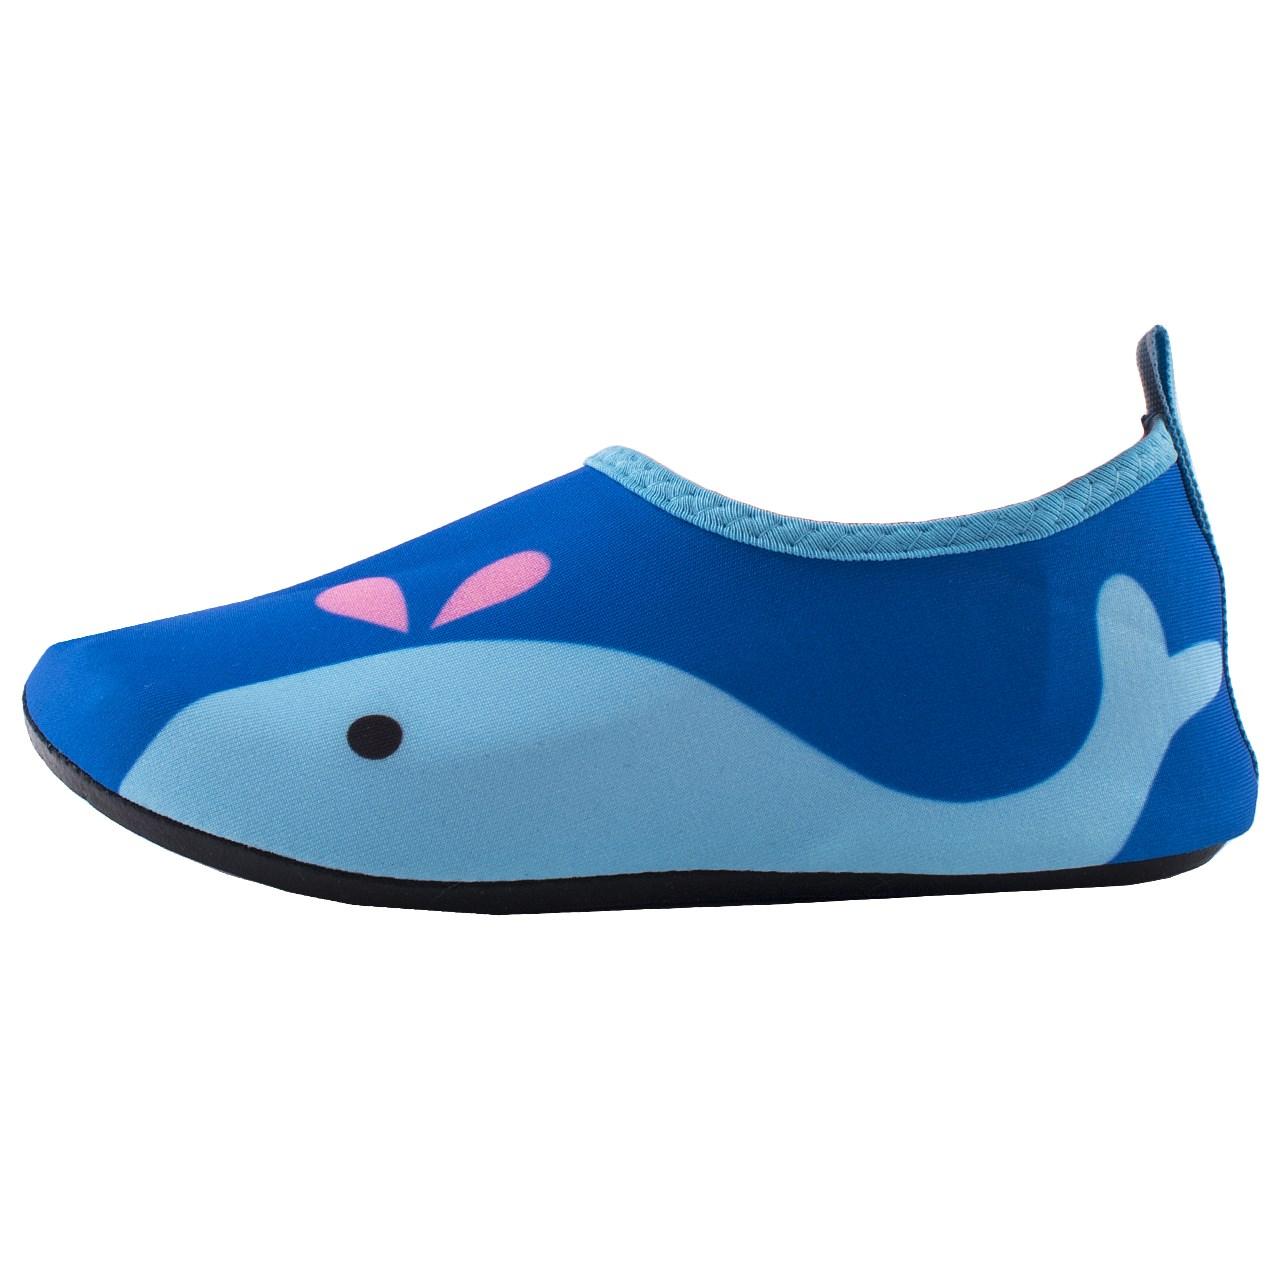 قیمت کفش ورزشی بچه گانه واته مدل Mf 06